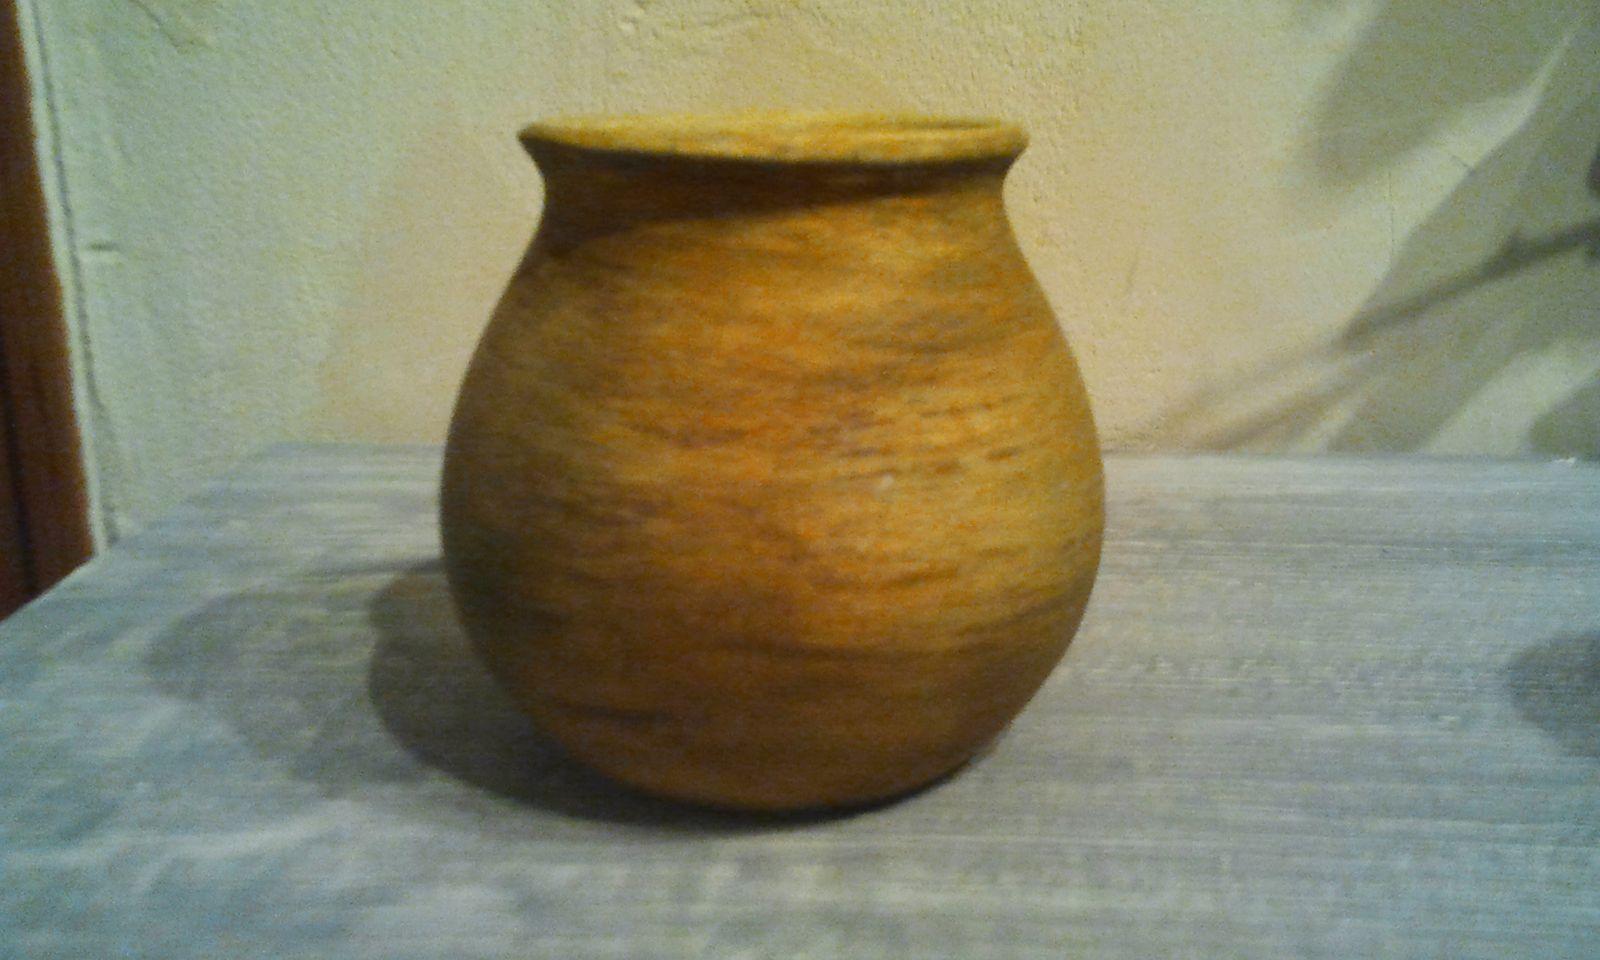 Sur les petits vases en terre cuite, j'ai posé une première couche de gesso et j'ai utilisé des pigments pour réaliser des peintures sur des murs. Tandis que sur le grand vase j'ai travaillé sur la matière brute avec le même type de pigment et j'ai passé une cire de protection.